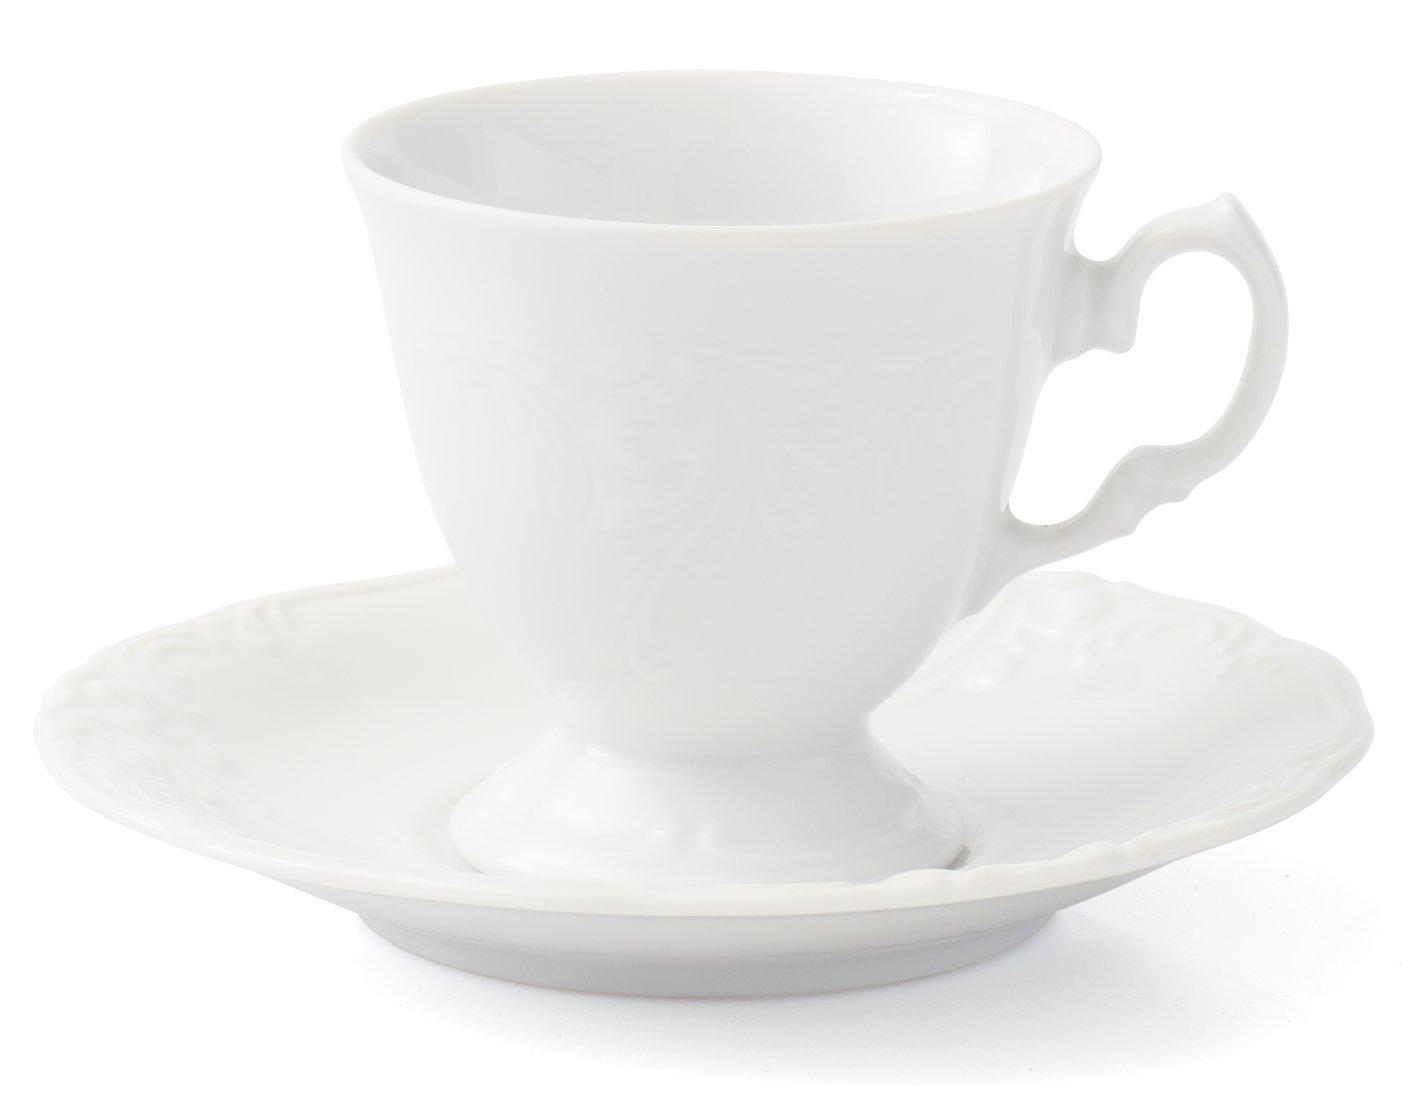 чашка с блюдцем 0,10 6шт - 6216